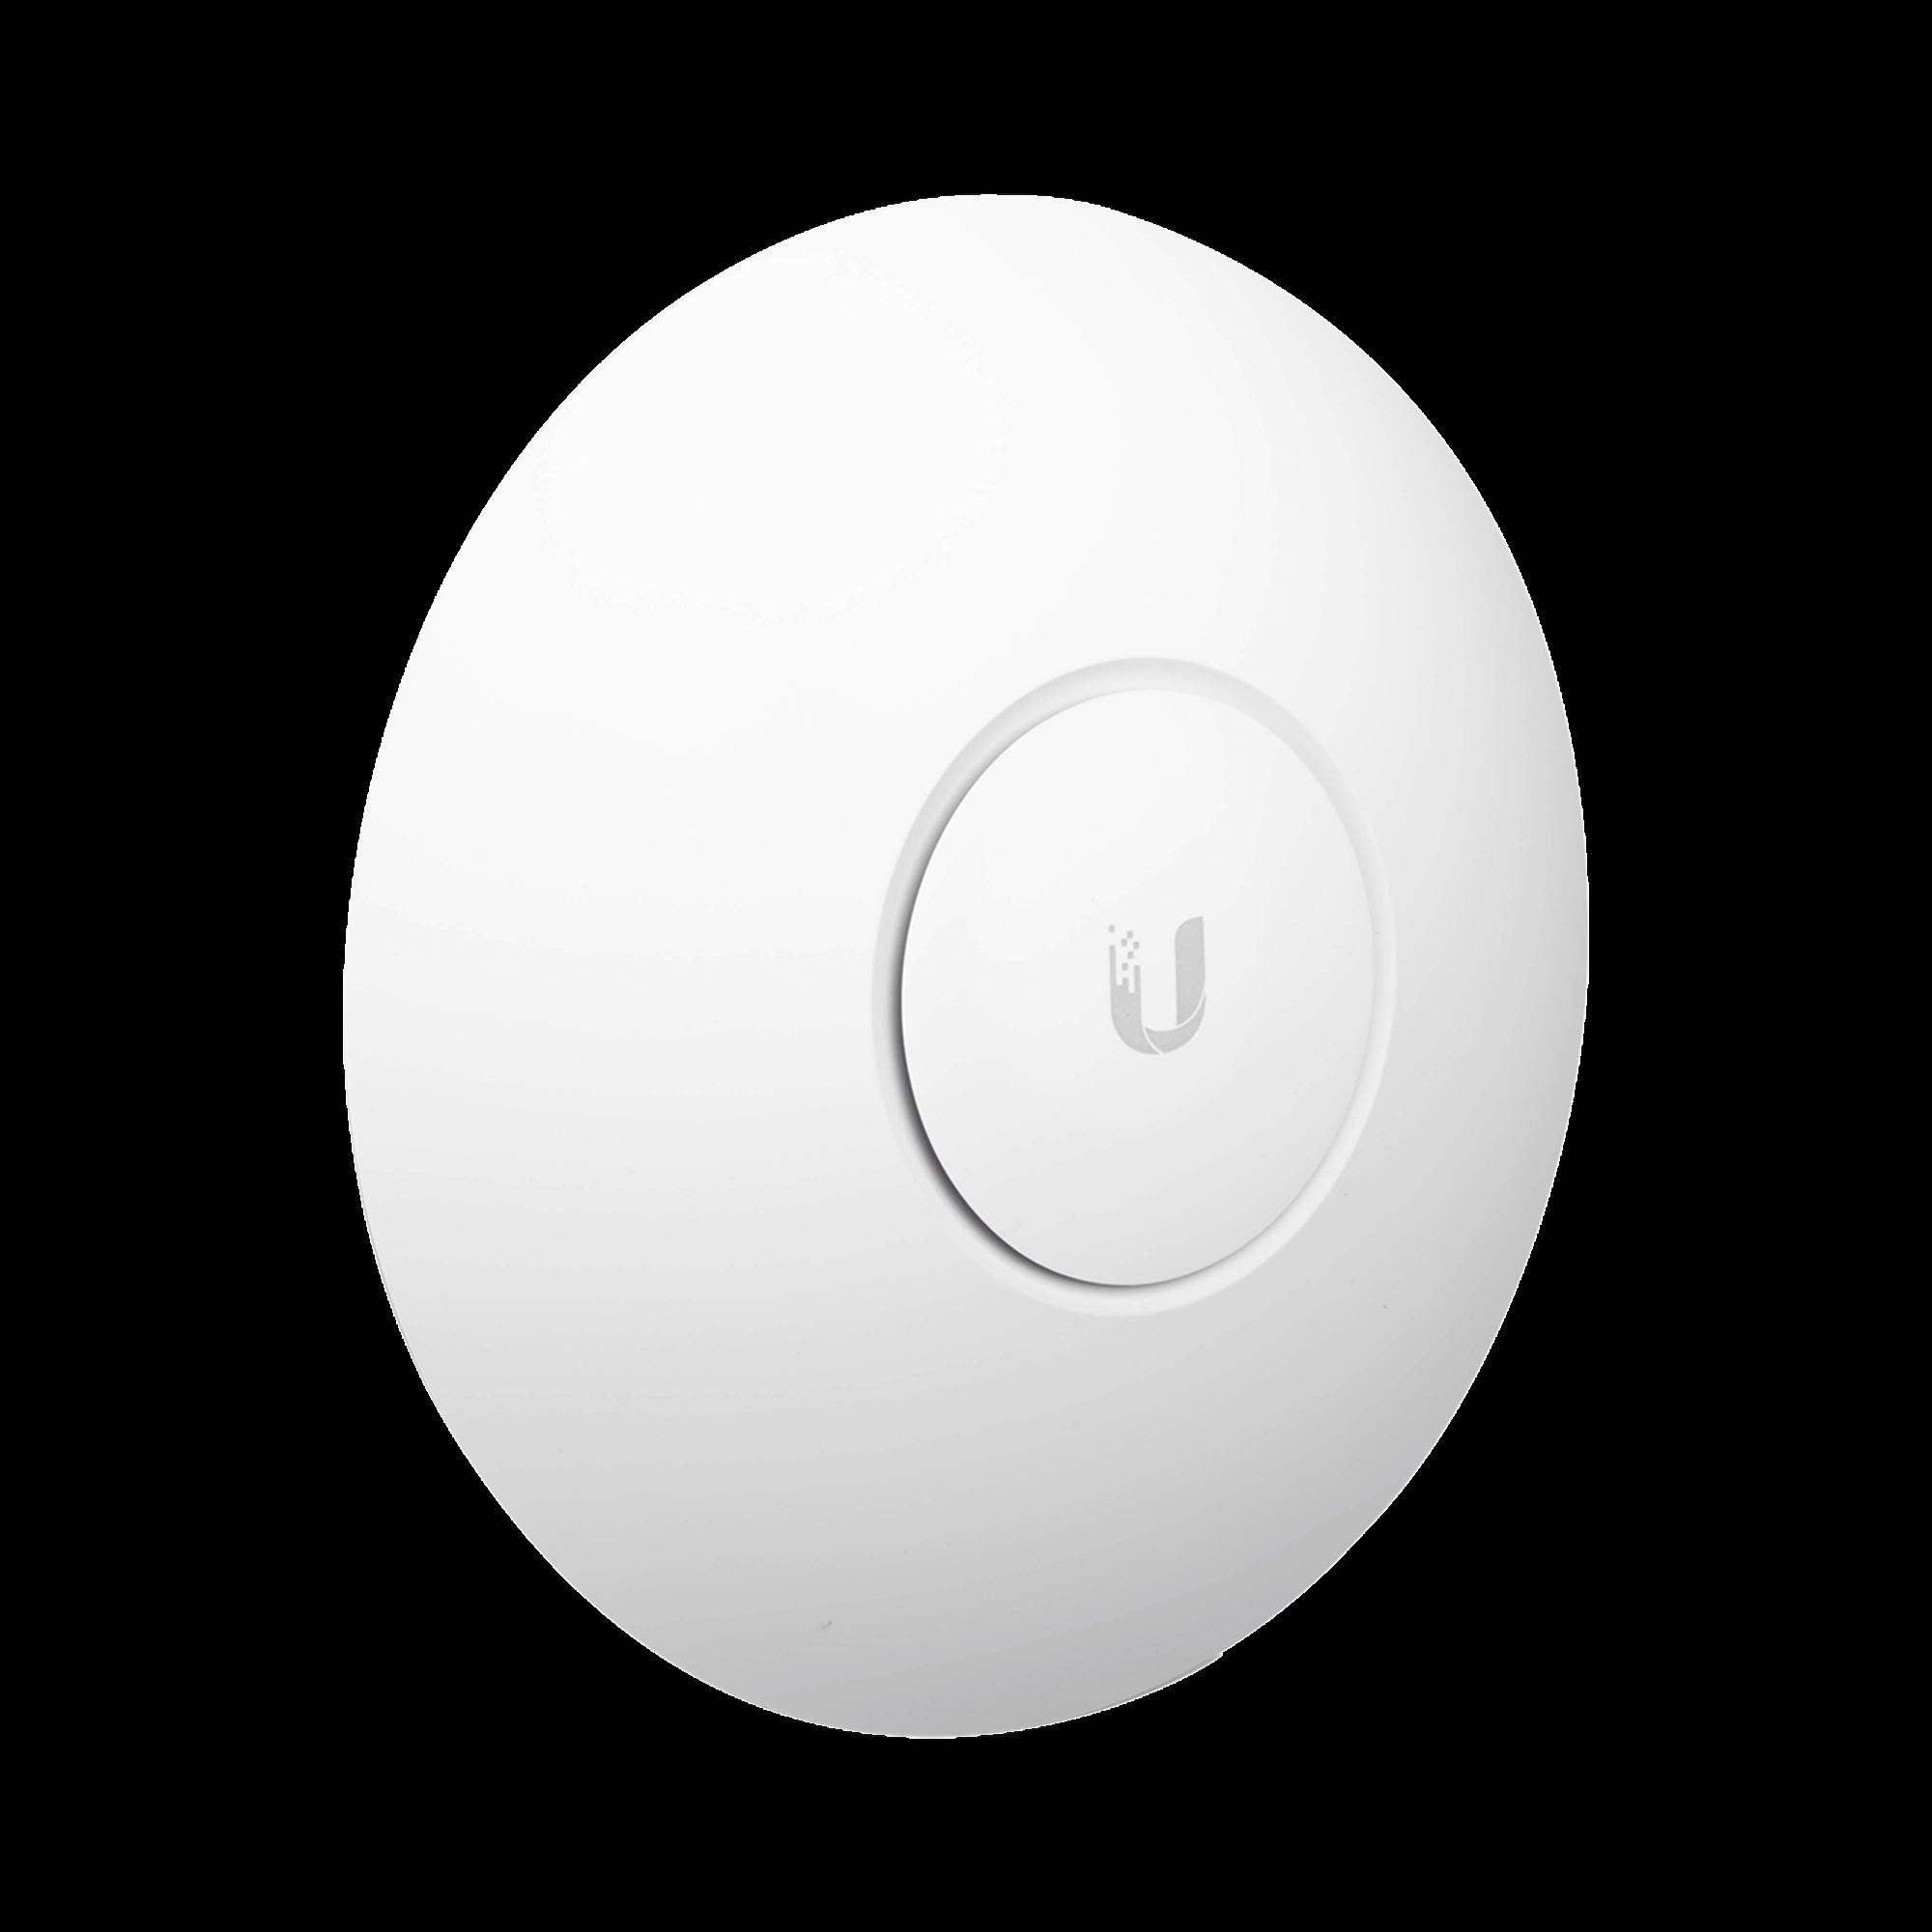 Access Point UniFi 3 Quad-radio MU-MIMO4x4 802.11ac Wave 2 con radio dedicado para seguridad WIPS contra intrusos, hasta 1500 usuarios concurrentes